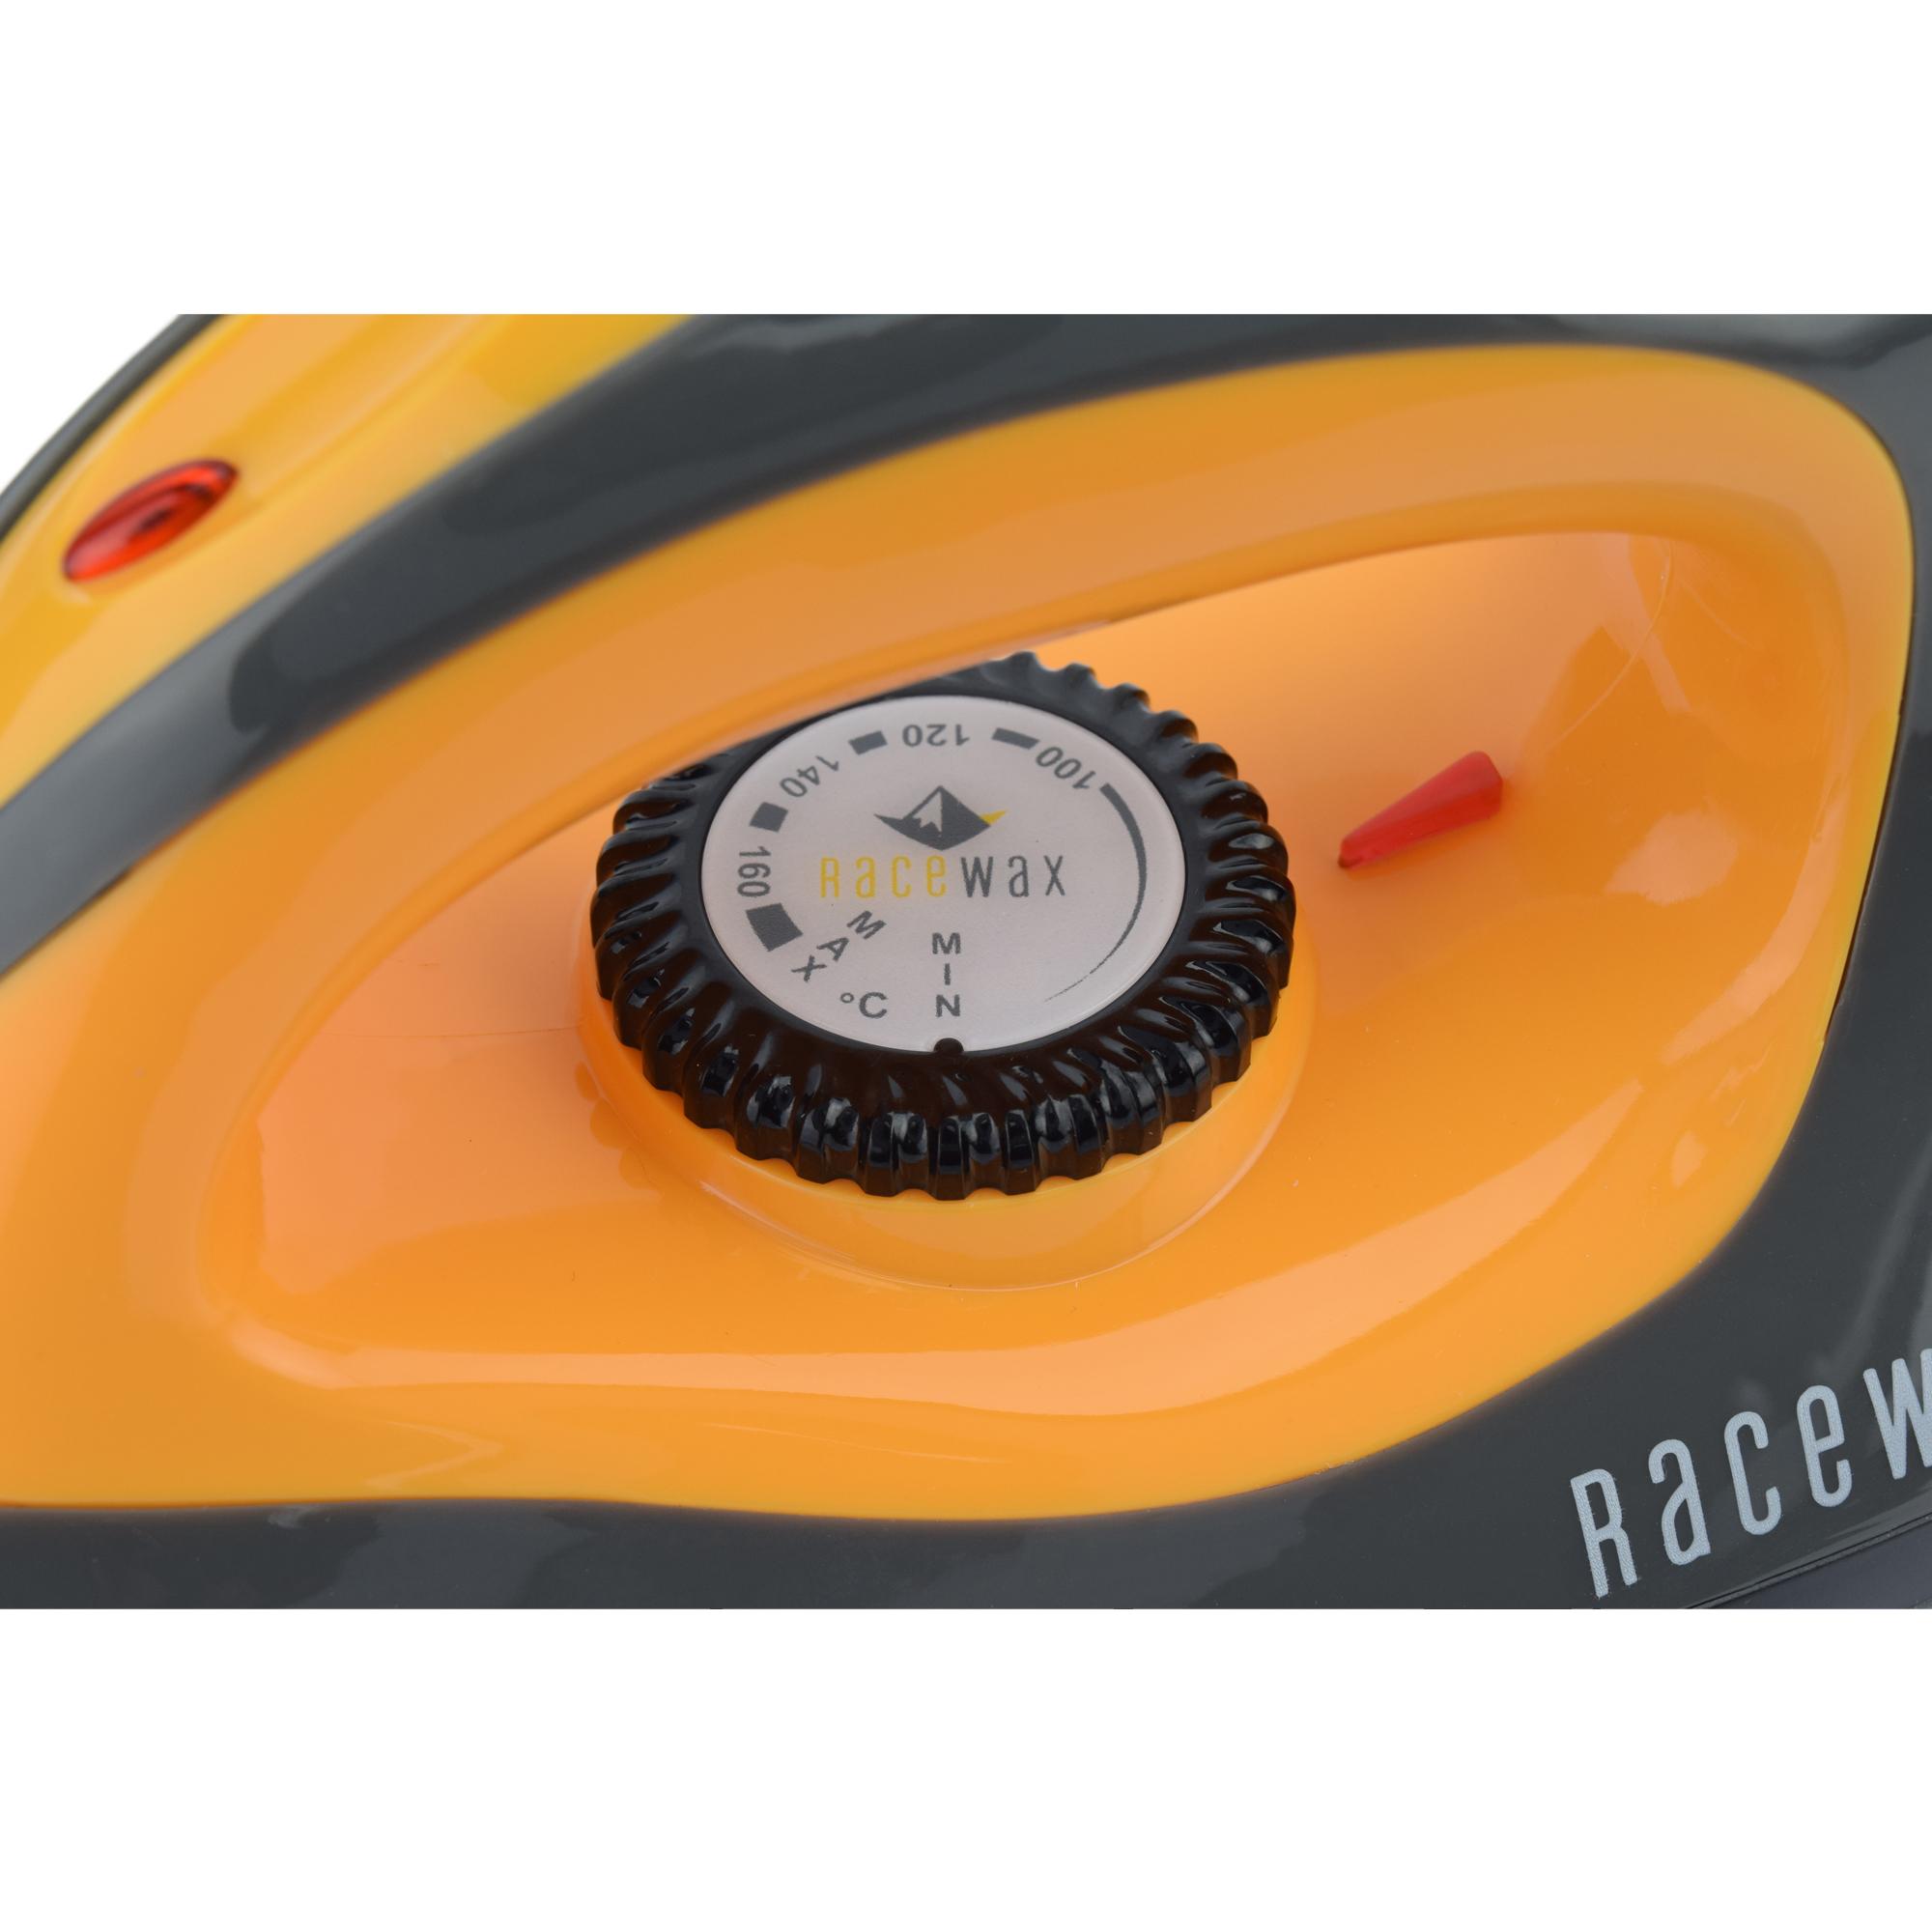 RaceWax-Swix Elite Ski Wax Tuning Kit Plus Ski Vise Accepts Snowboard Adapter